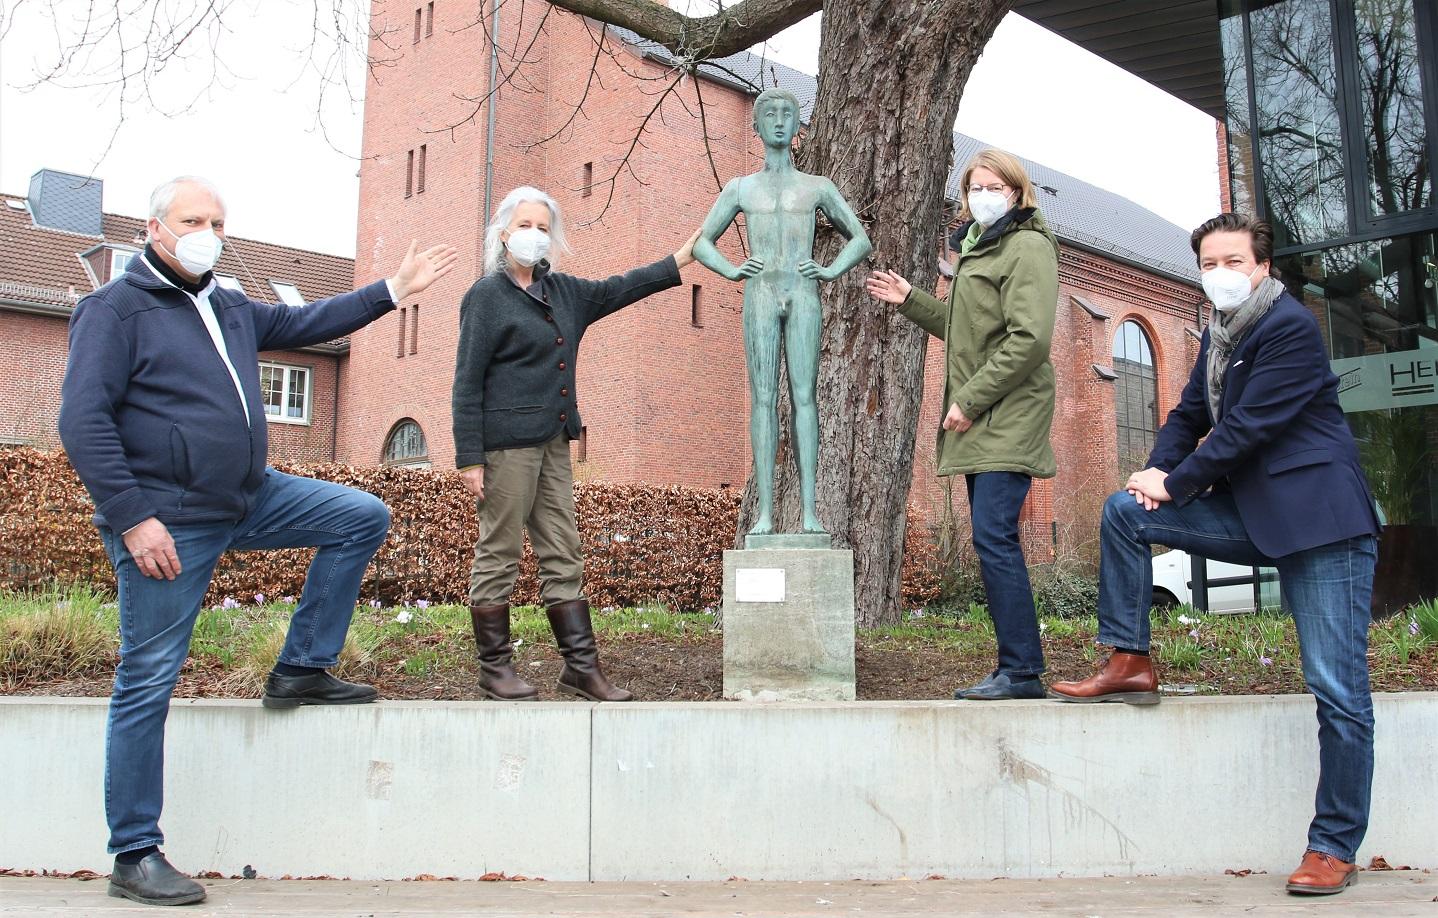 Pressefoto der Einweihung der Skulptur von Fritz Fleer auf dem Museumsplatz mit Hannes Bänder, Thekla Müller-Fleer, Dr. Anke Jobmann und Prof. Dr. Rainer-Maria Weiss (v. l.)